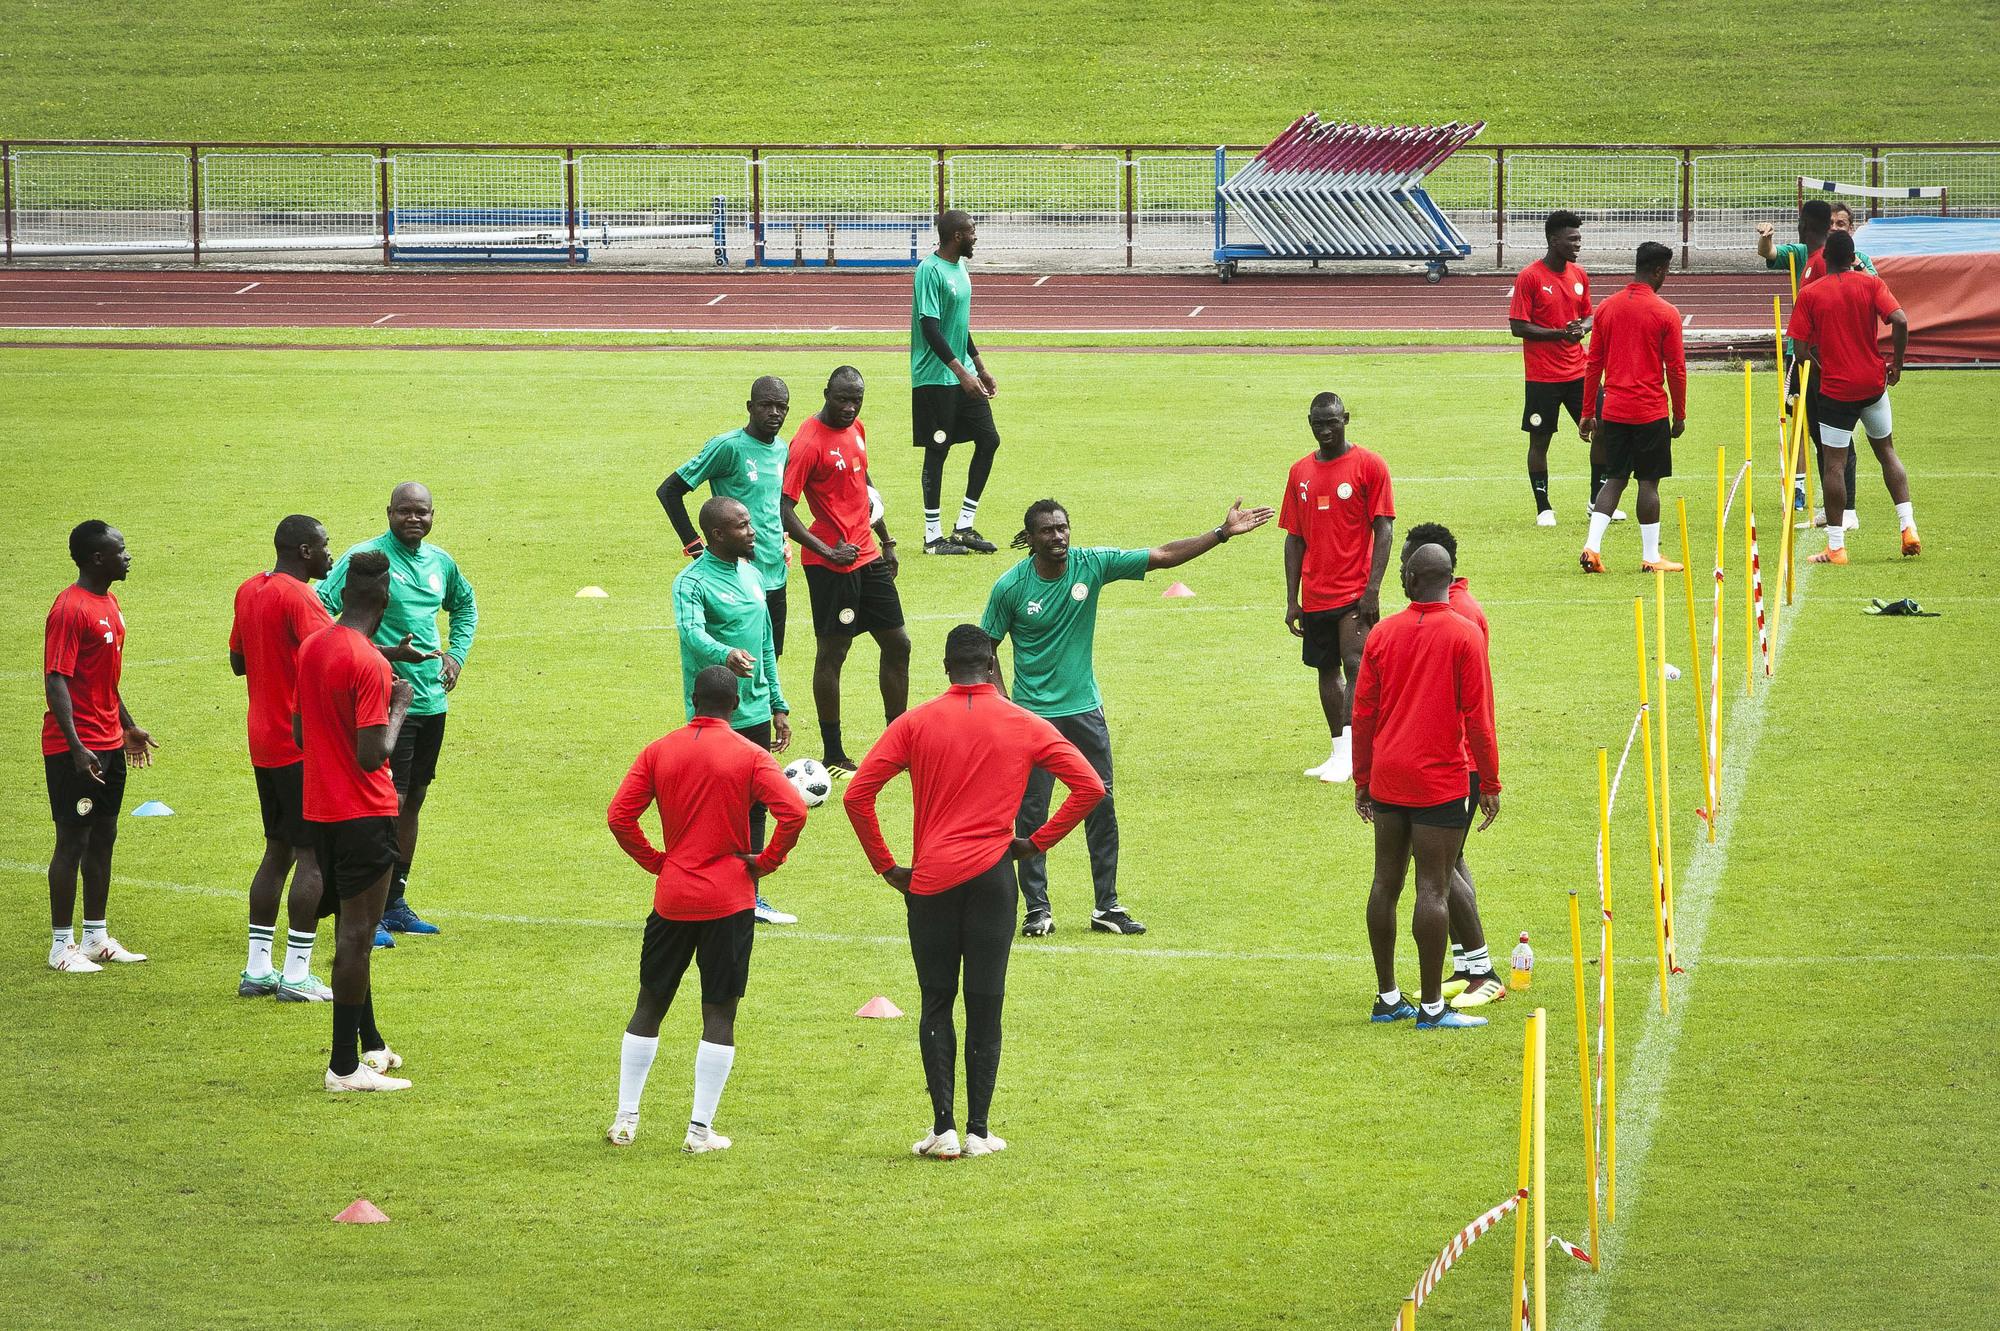 Dirigeant une séance d'entraînement (au centre, bras levé), le 6juin, à Vittel, en France.